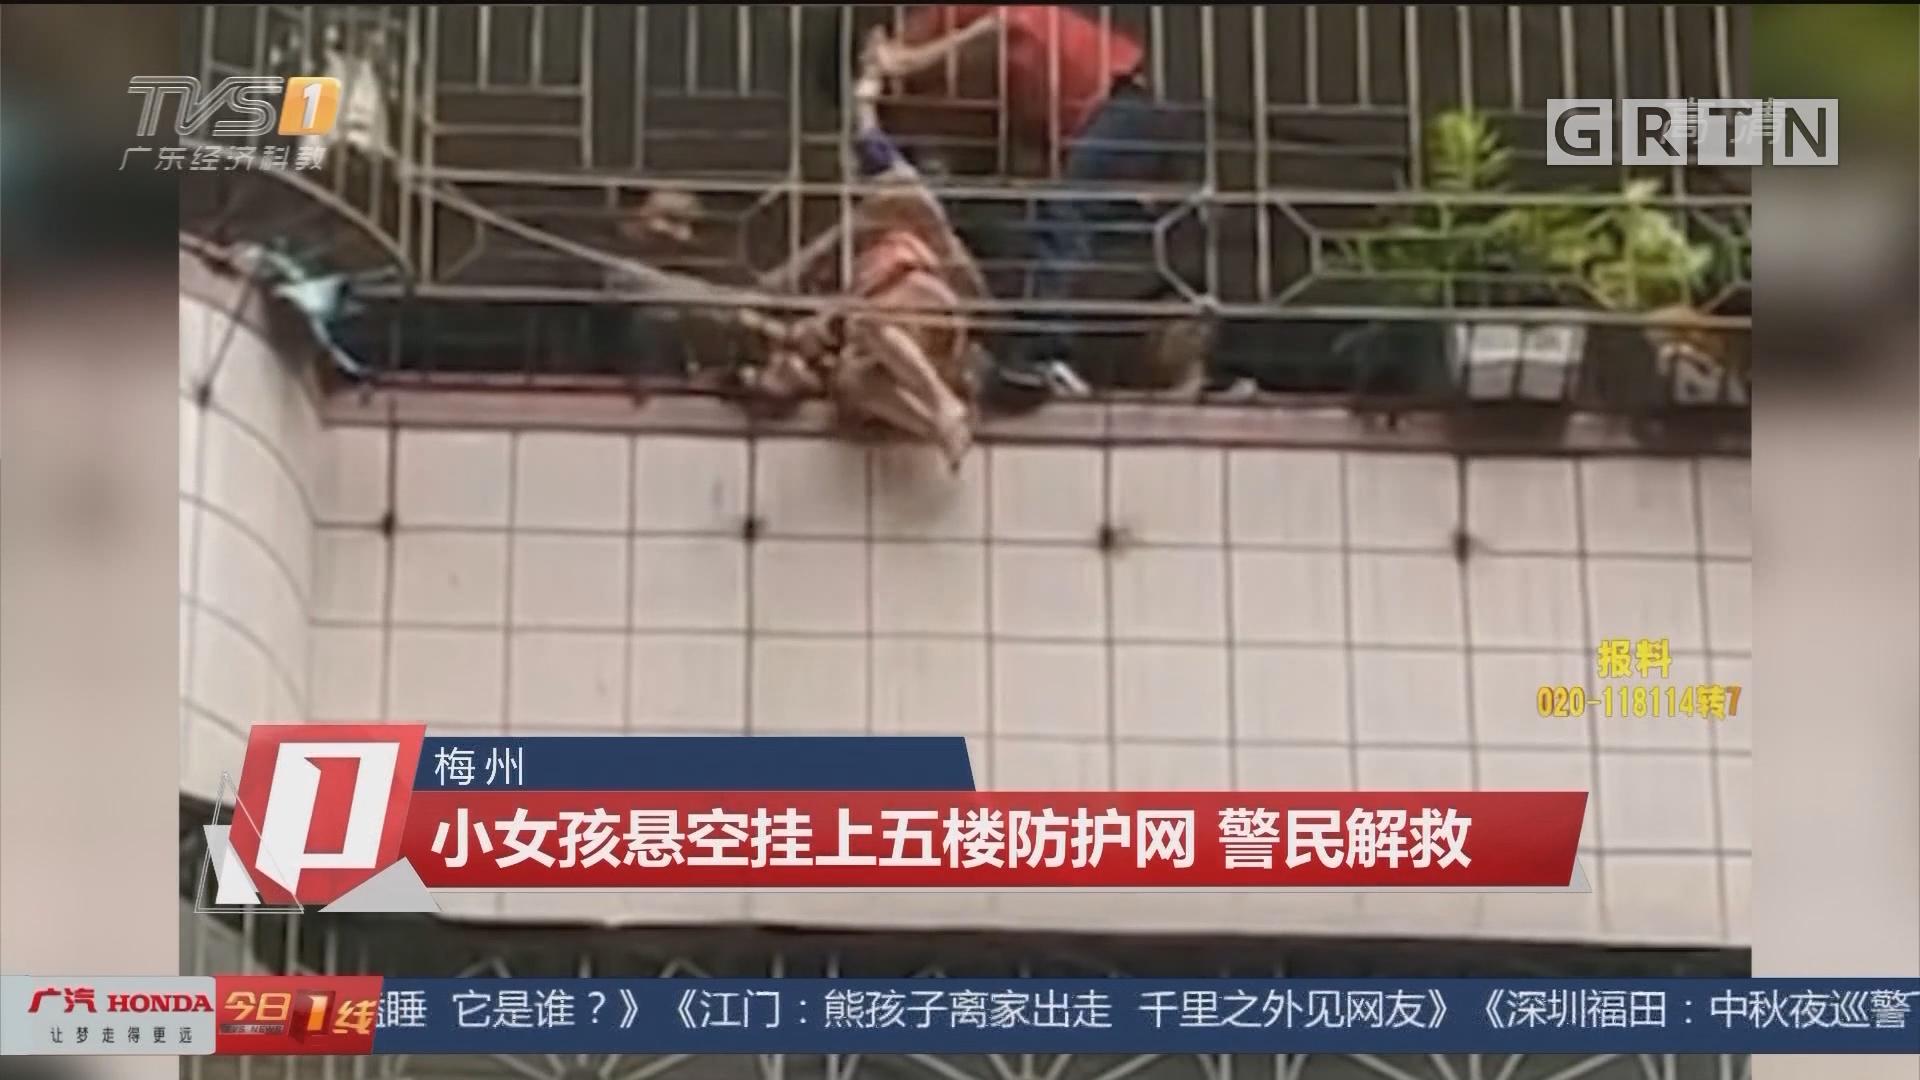 梅州:小女孩悬空挂上五楼防护网 警民解救